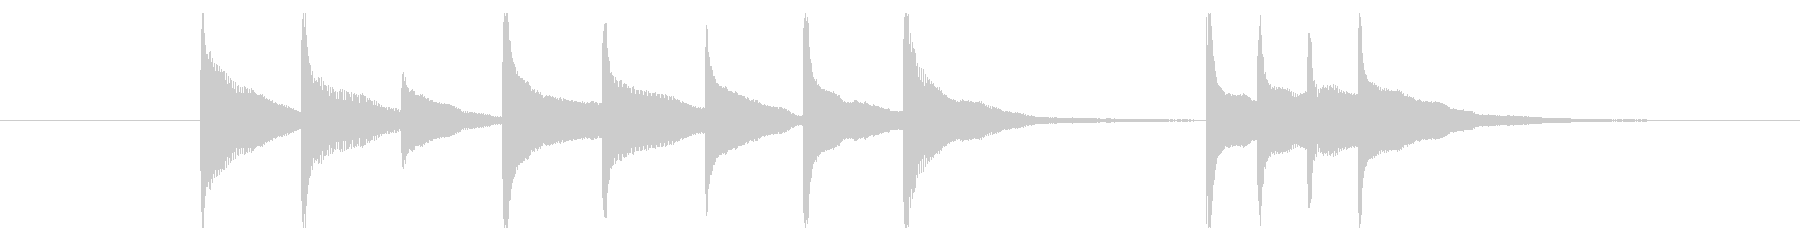 マリンバ・シロフォンショートジングルAの未再生の波形